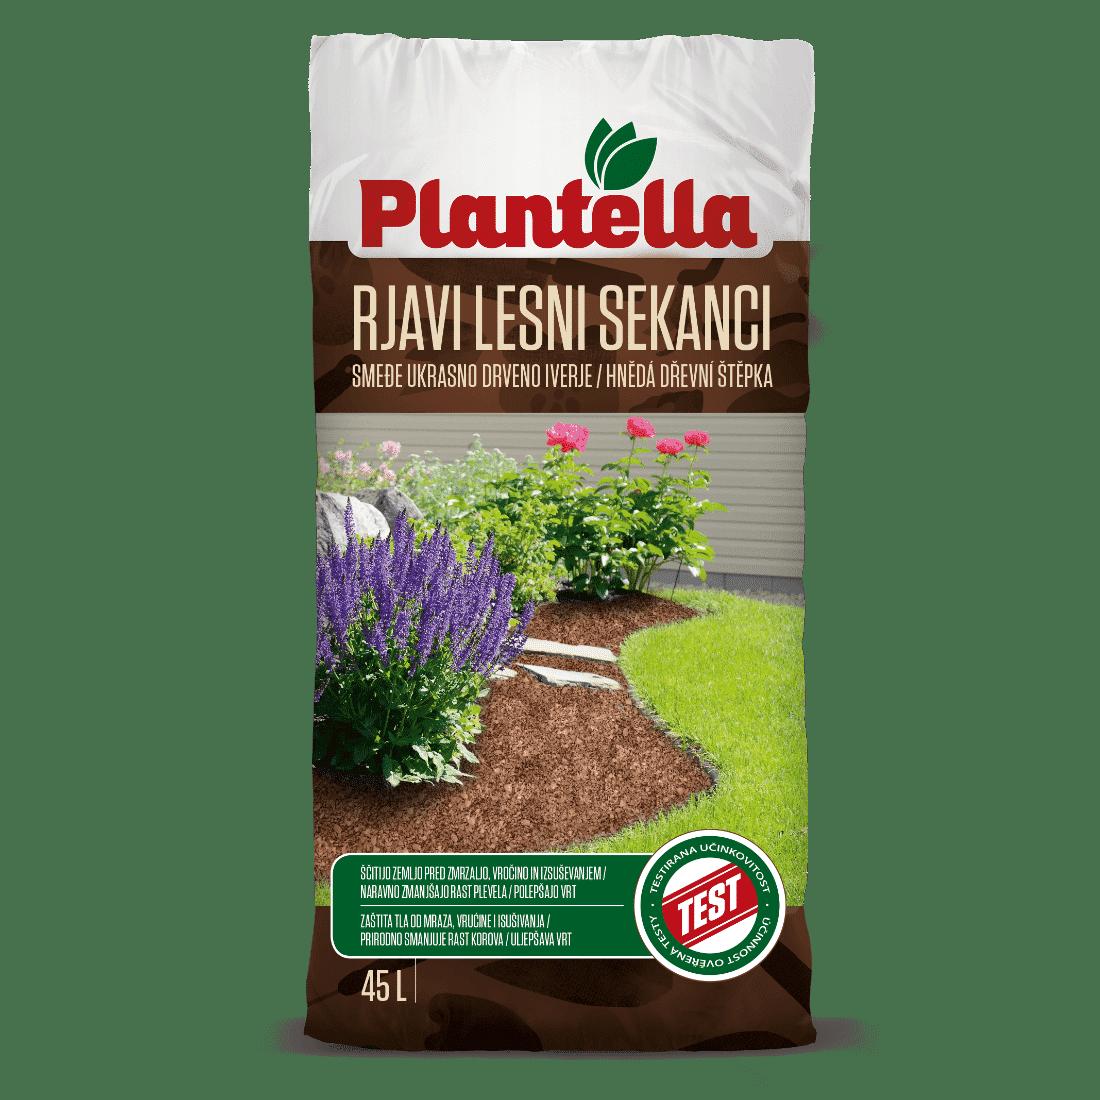 Plantella_Rjavi-Lesni-Sekanci_45L_SI-HR-CZ